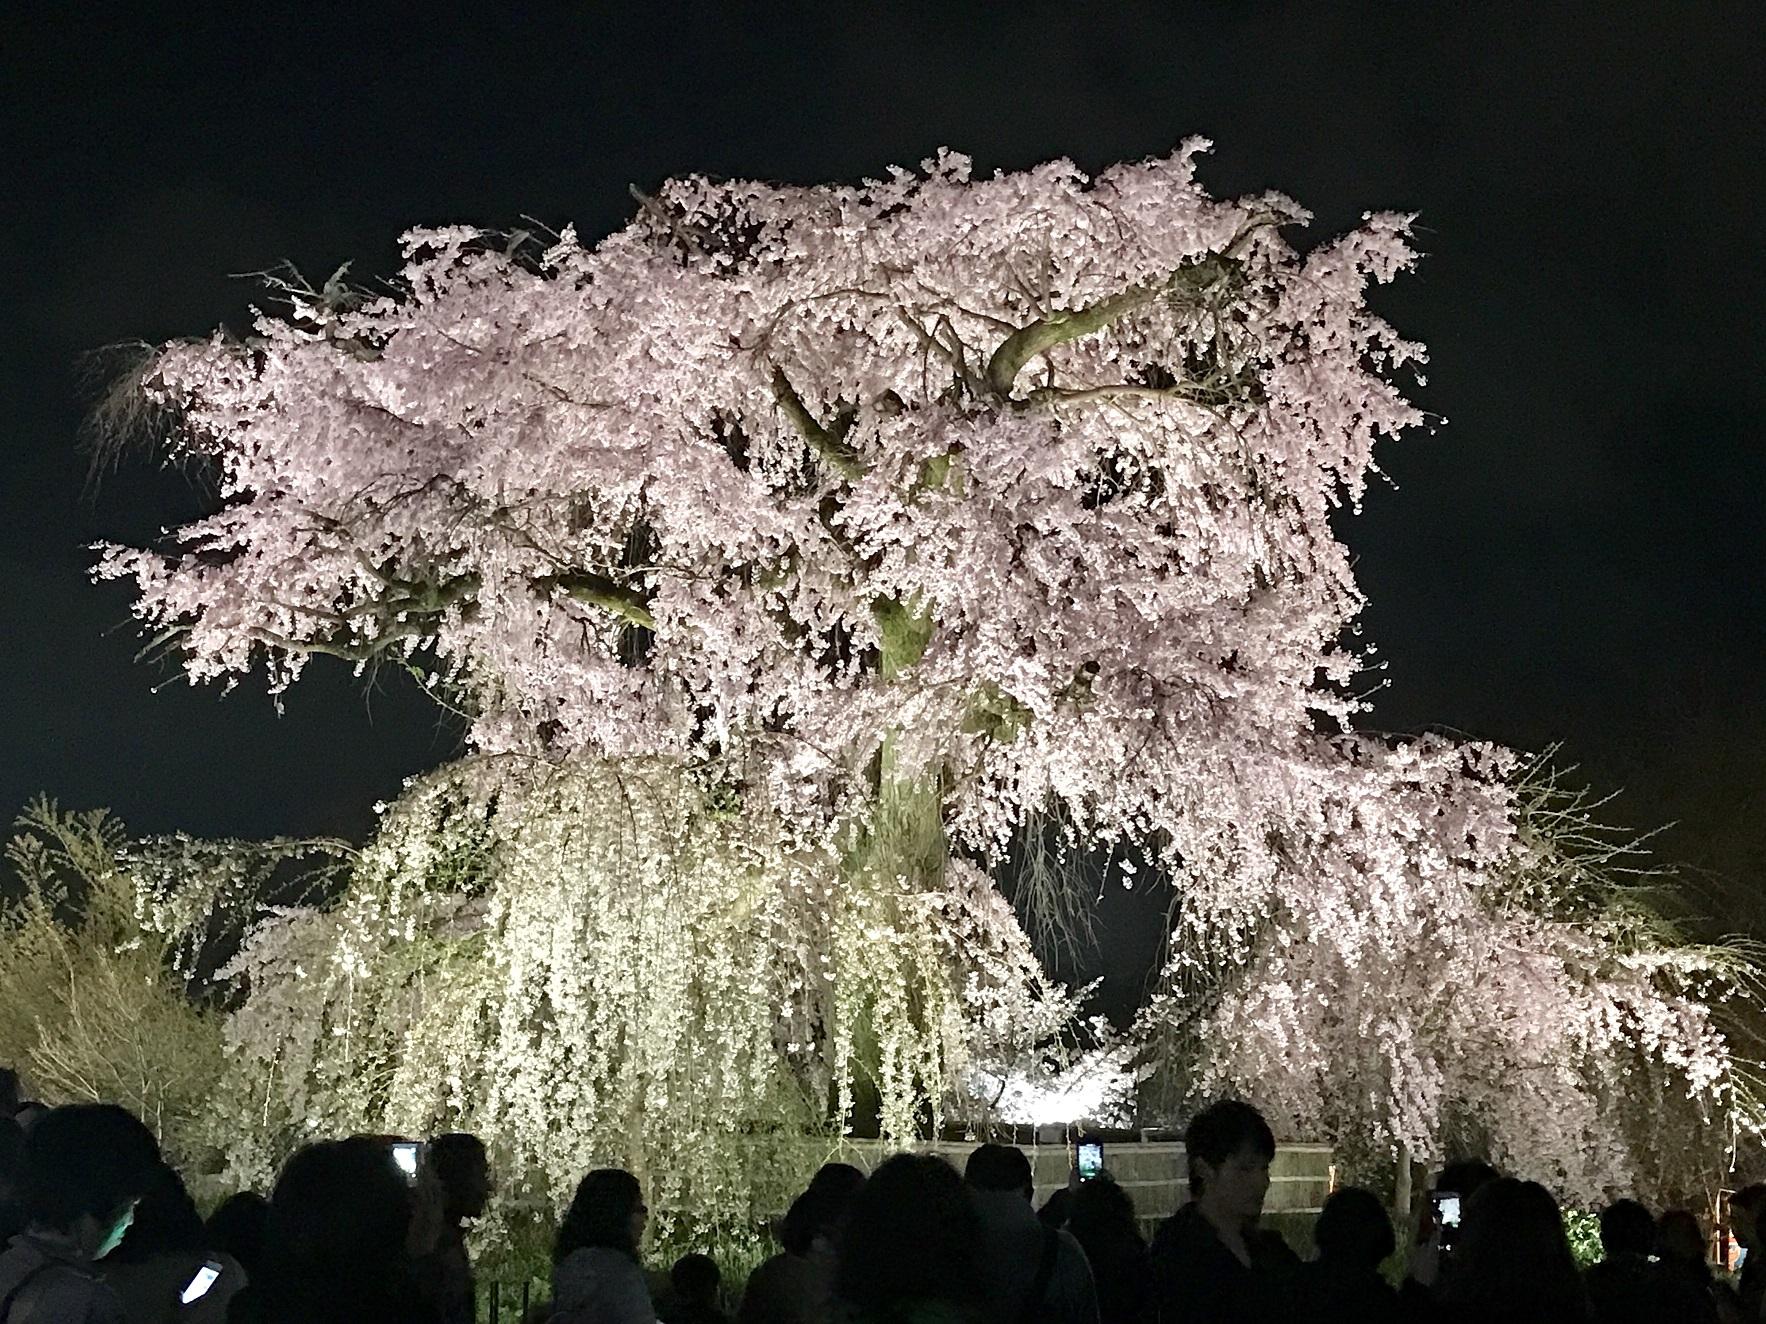 kyoto cherry v-3 29-4-11